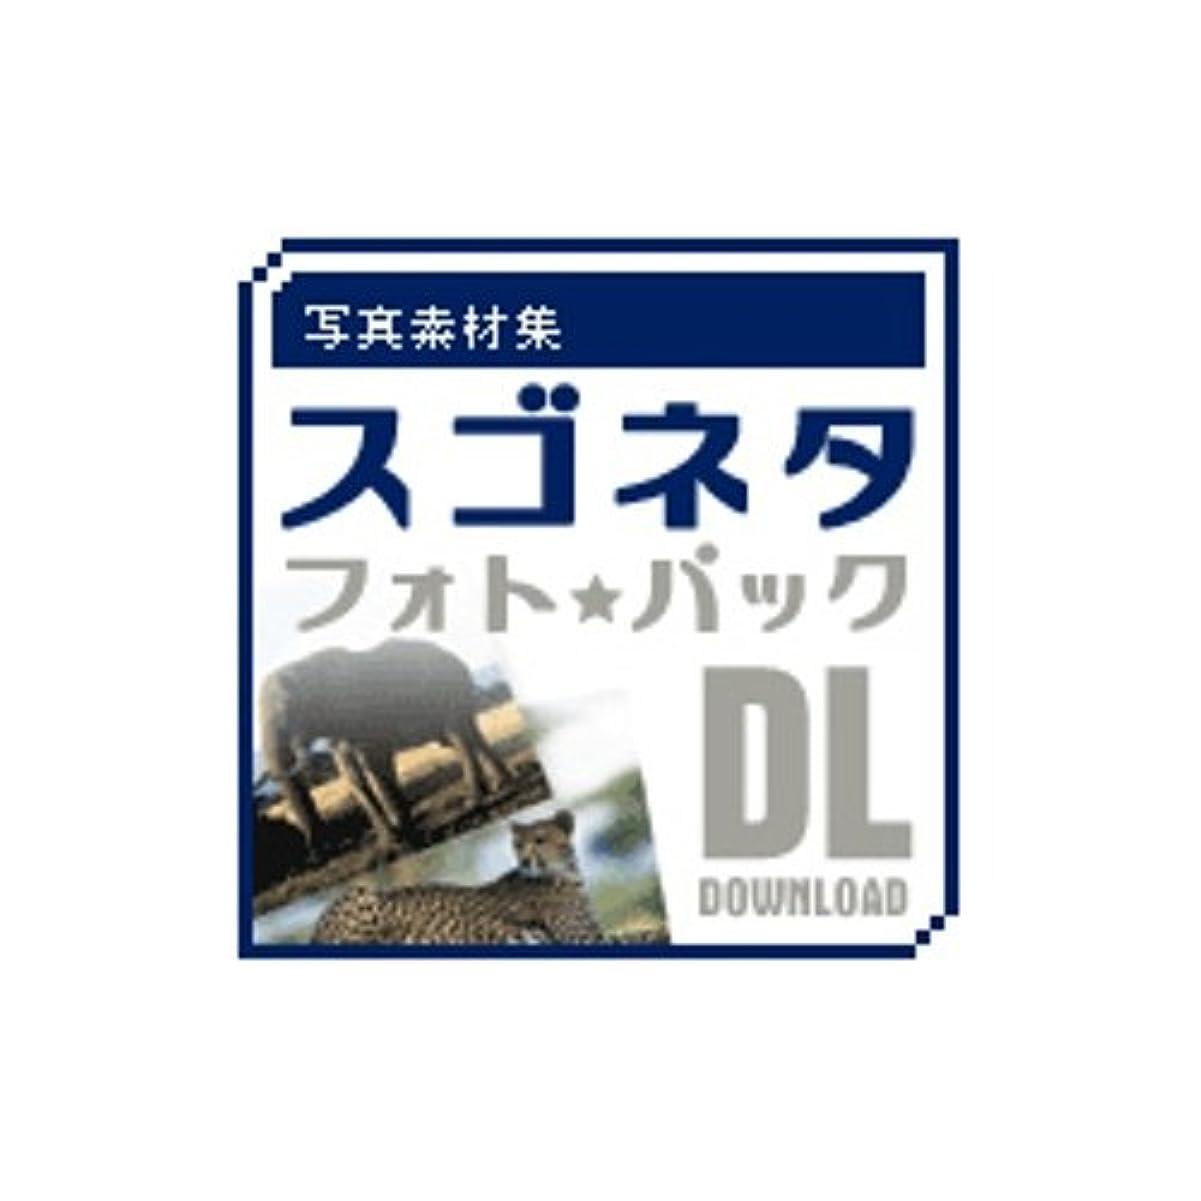 写真素材集 スゴネタフォトパック 食材アレンジ DL [ダウンロード]